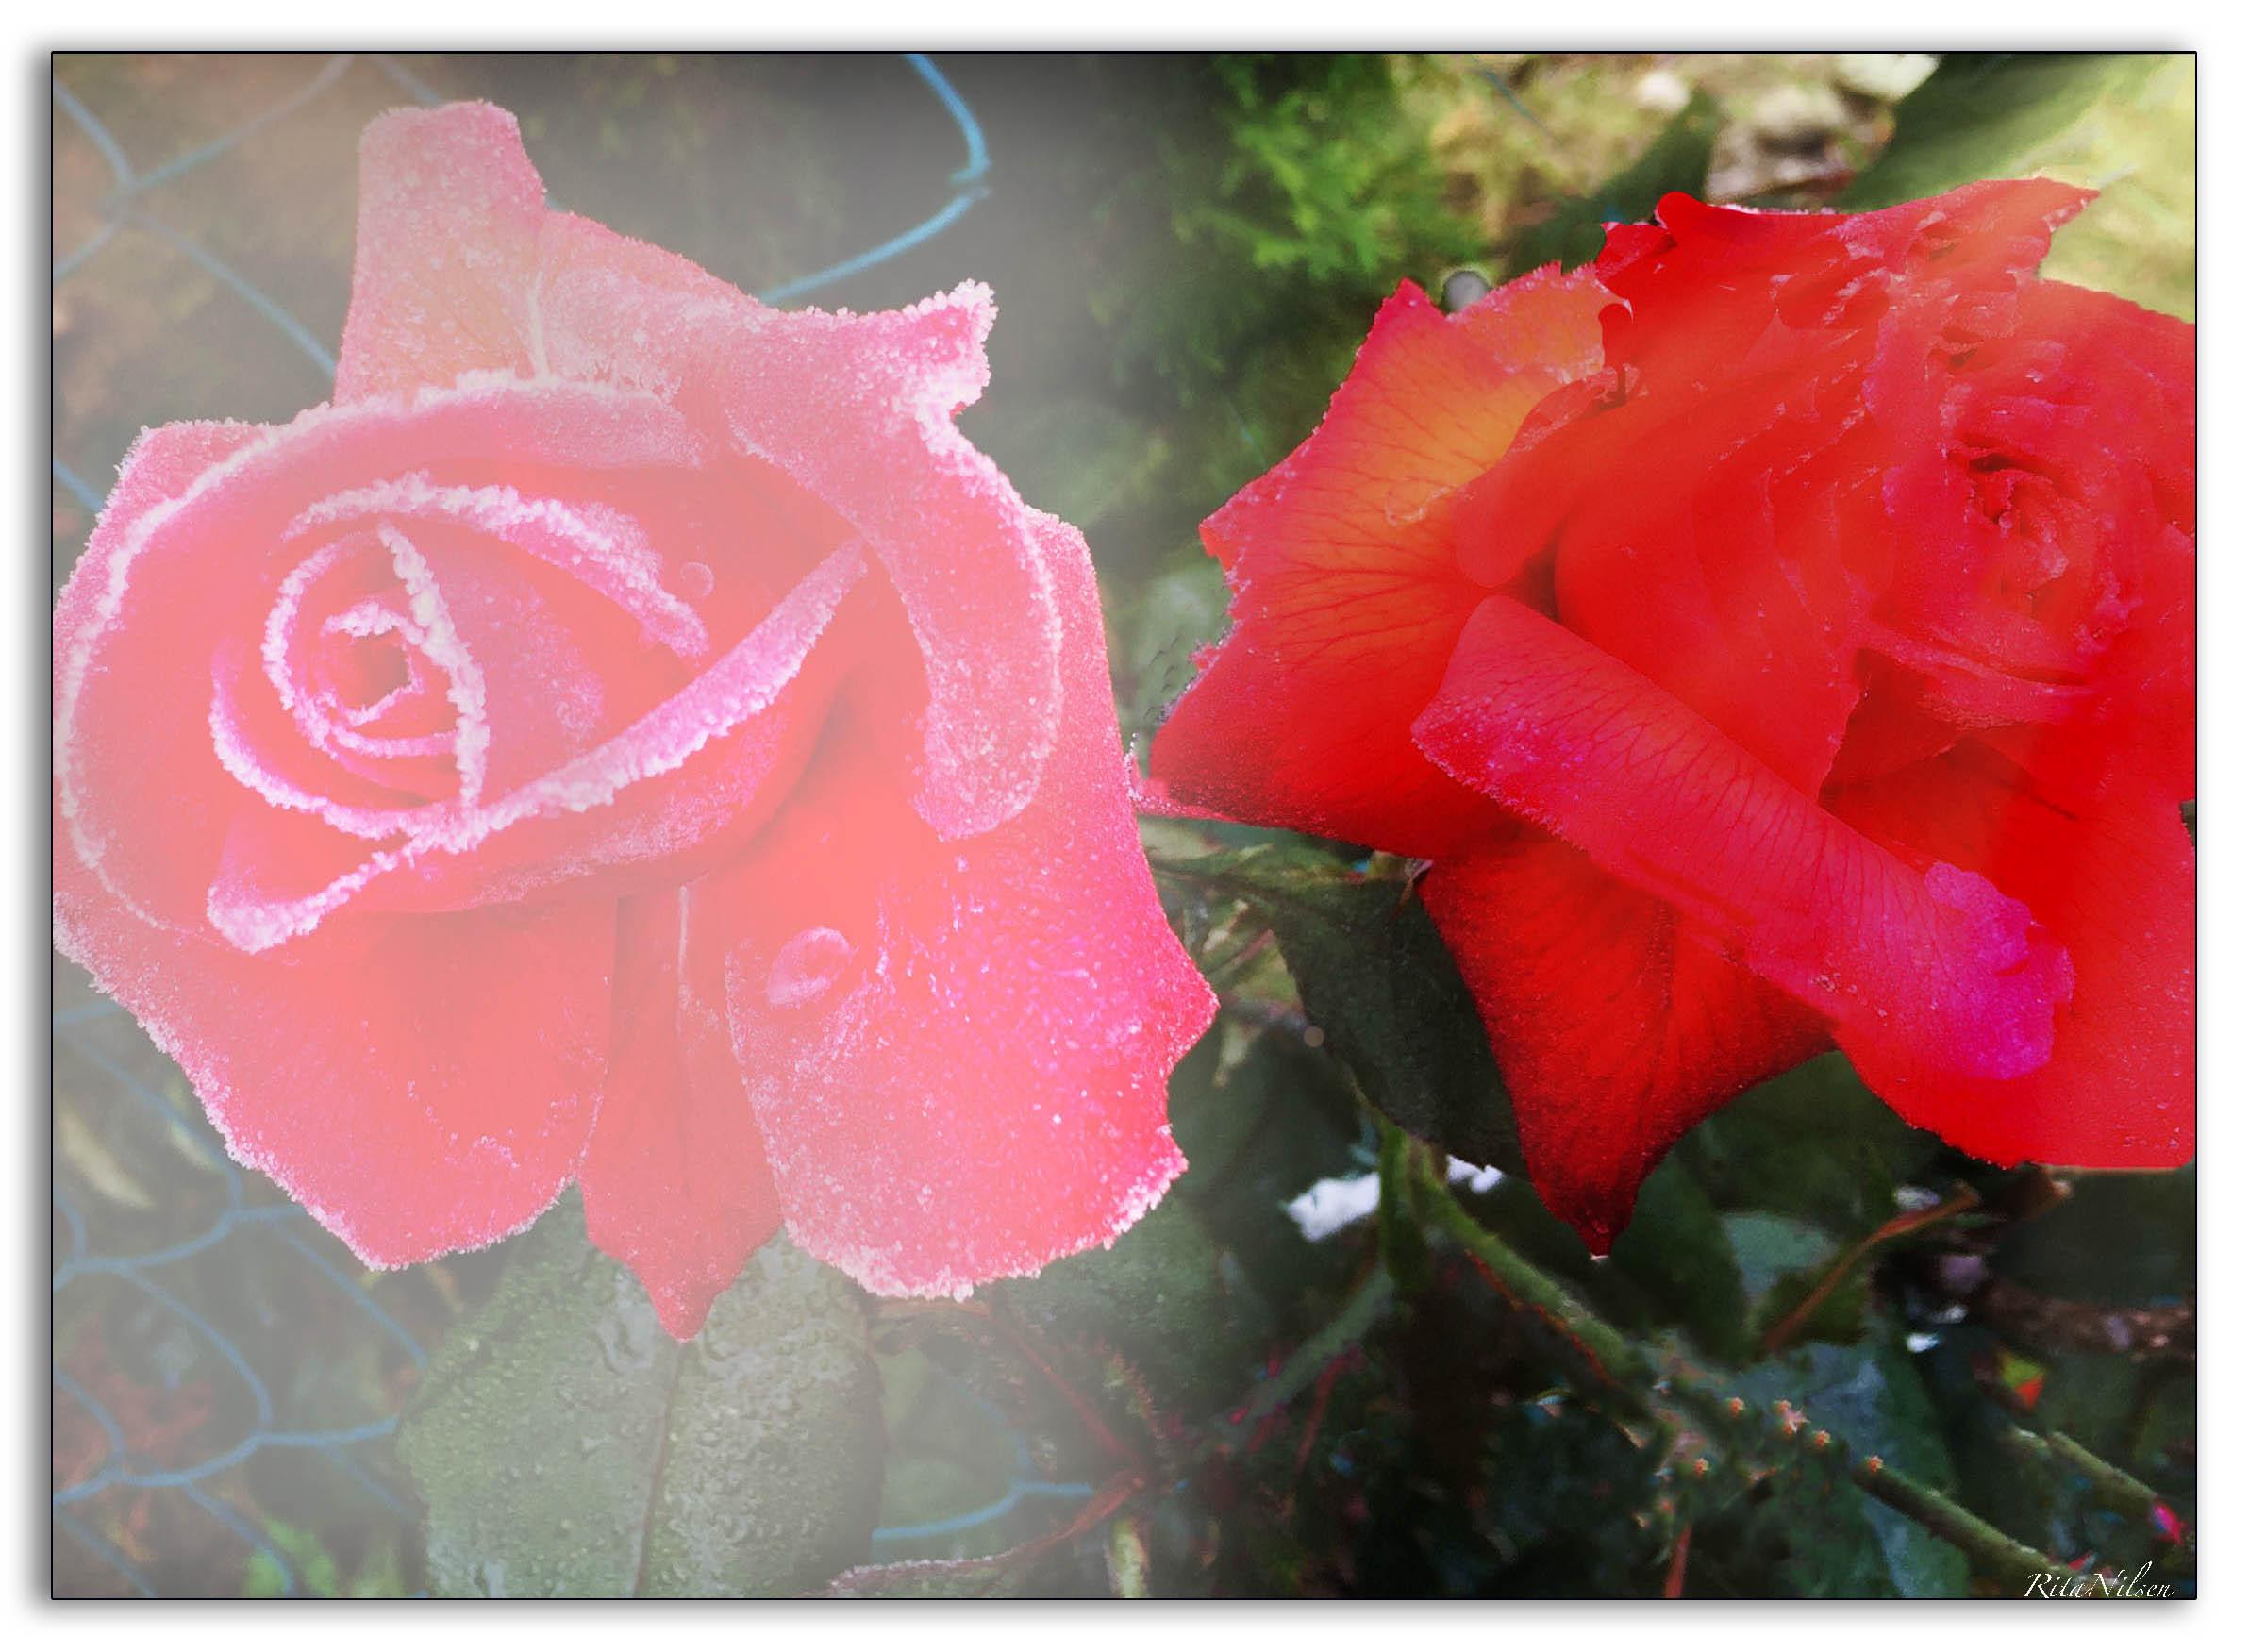 Roser i fangenskap og frihet